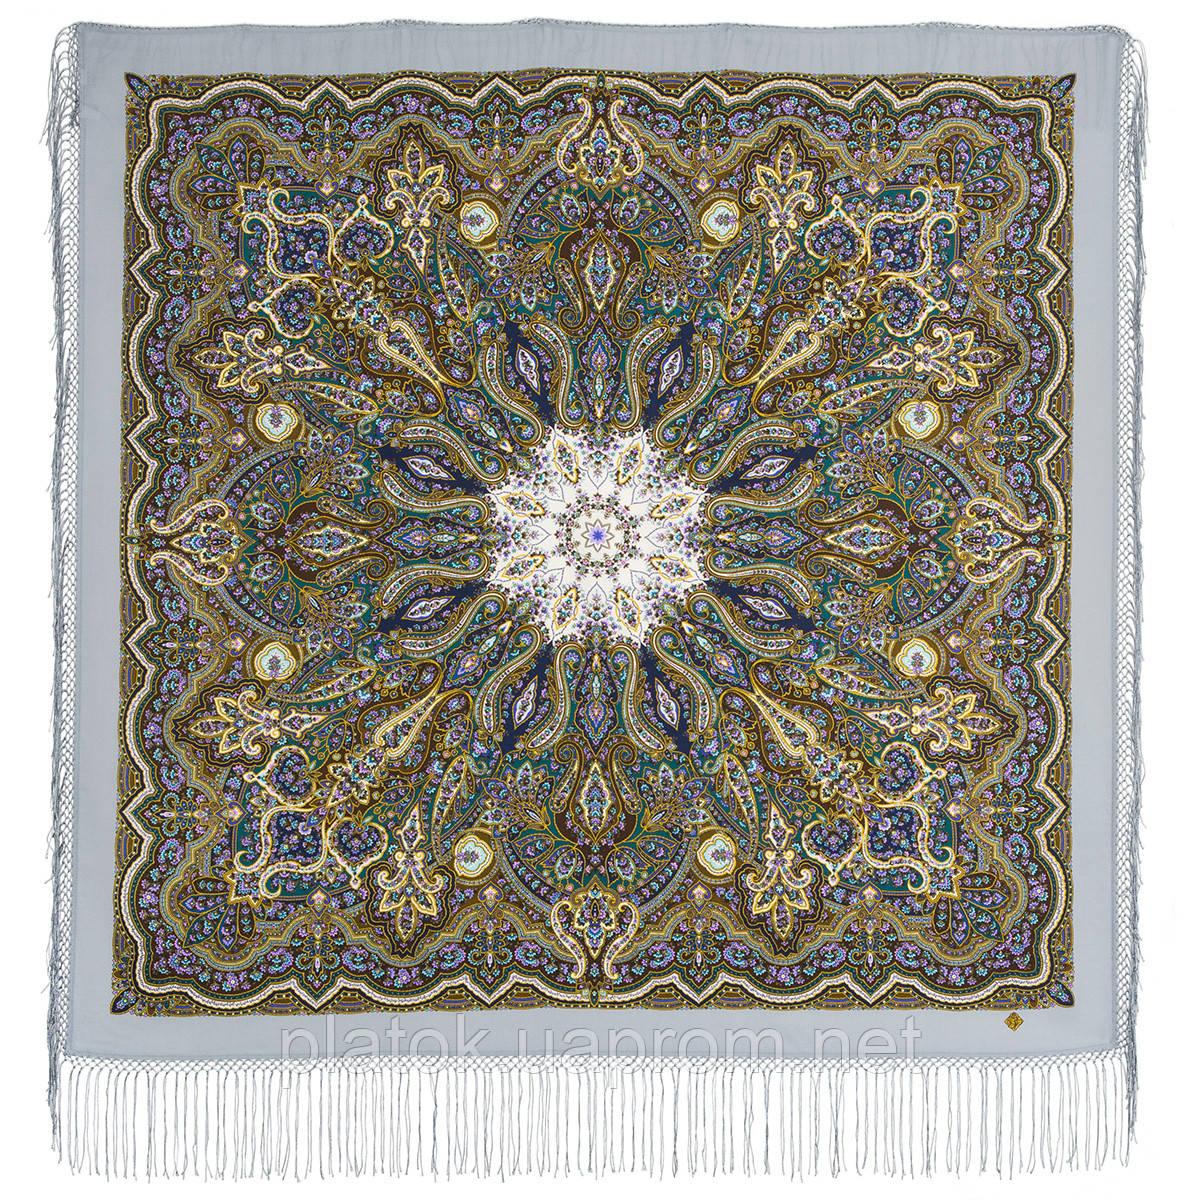 Сказочница 1763-1, павлопосадский платок шерстяной (двуниточная шерсть) с шелковой вязаной бахромой